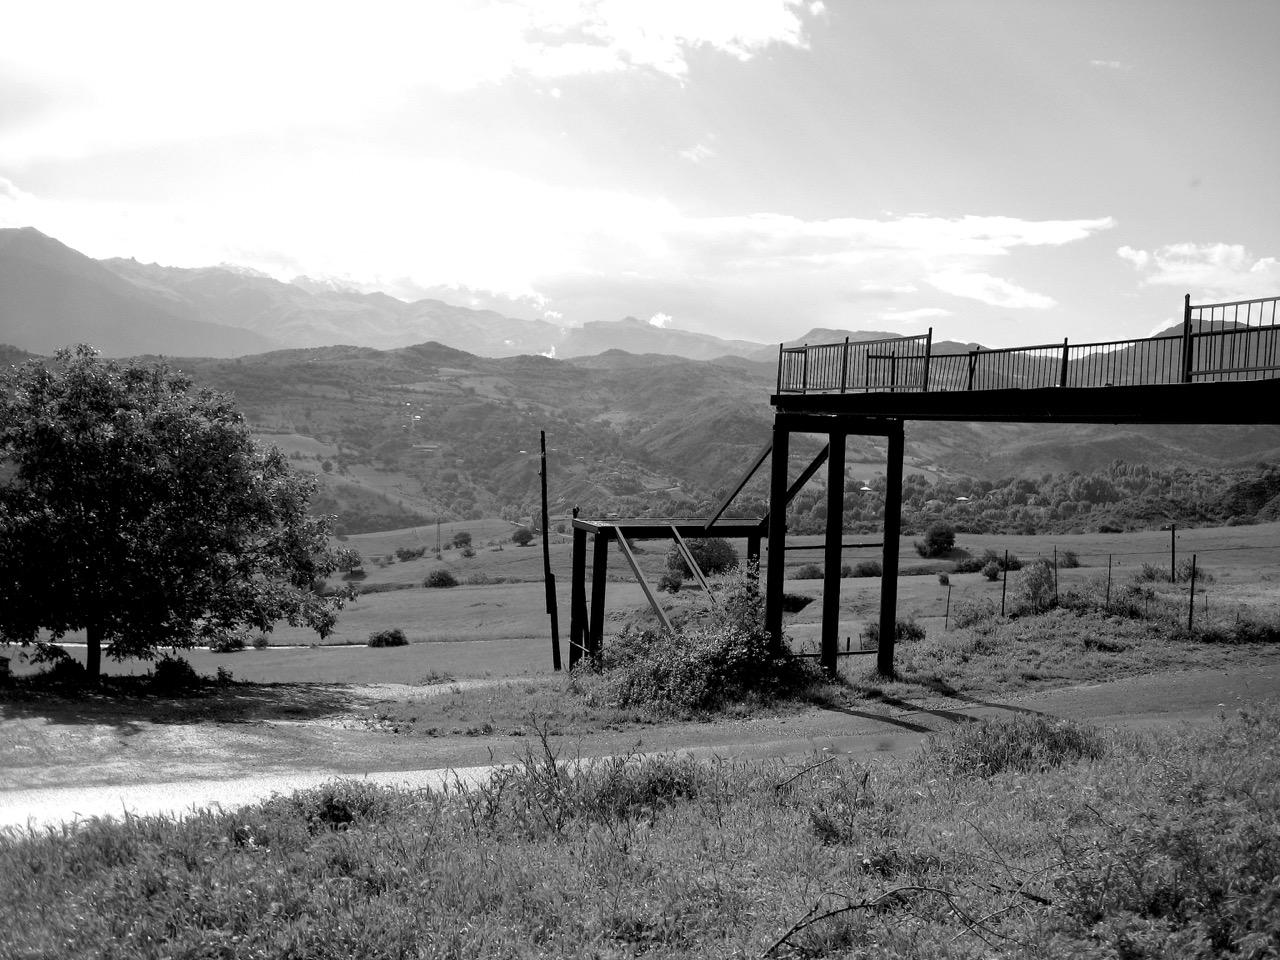 Foto: Rast vor Kapan. Aus: Eriwan. Kapitel 4. Aufzeichnungen aus Armenien von Marc Degens.